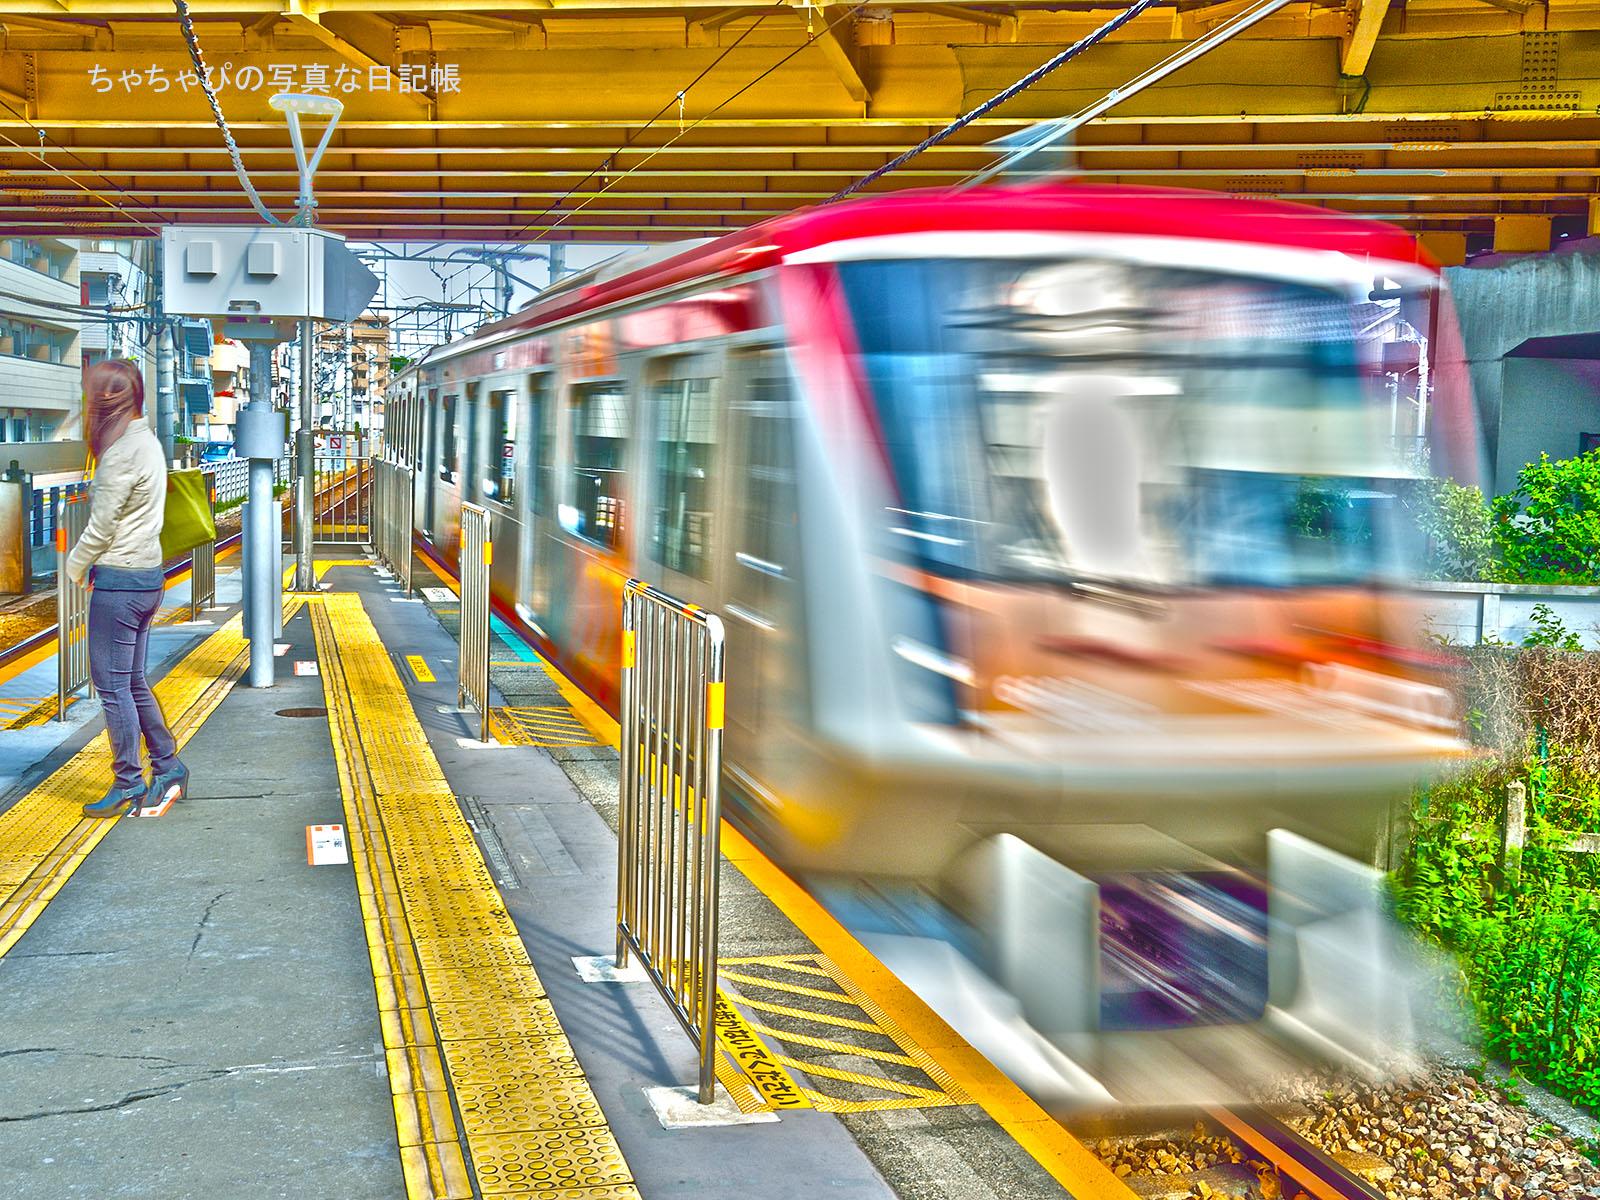 東急大井町線 等々力駅 6000系